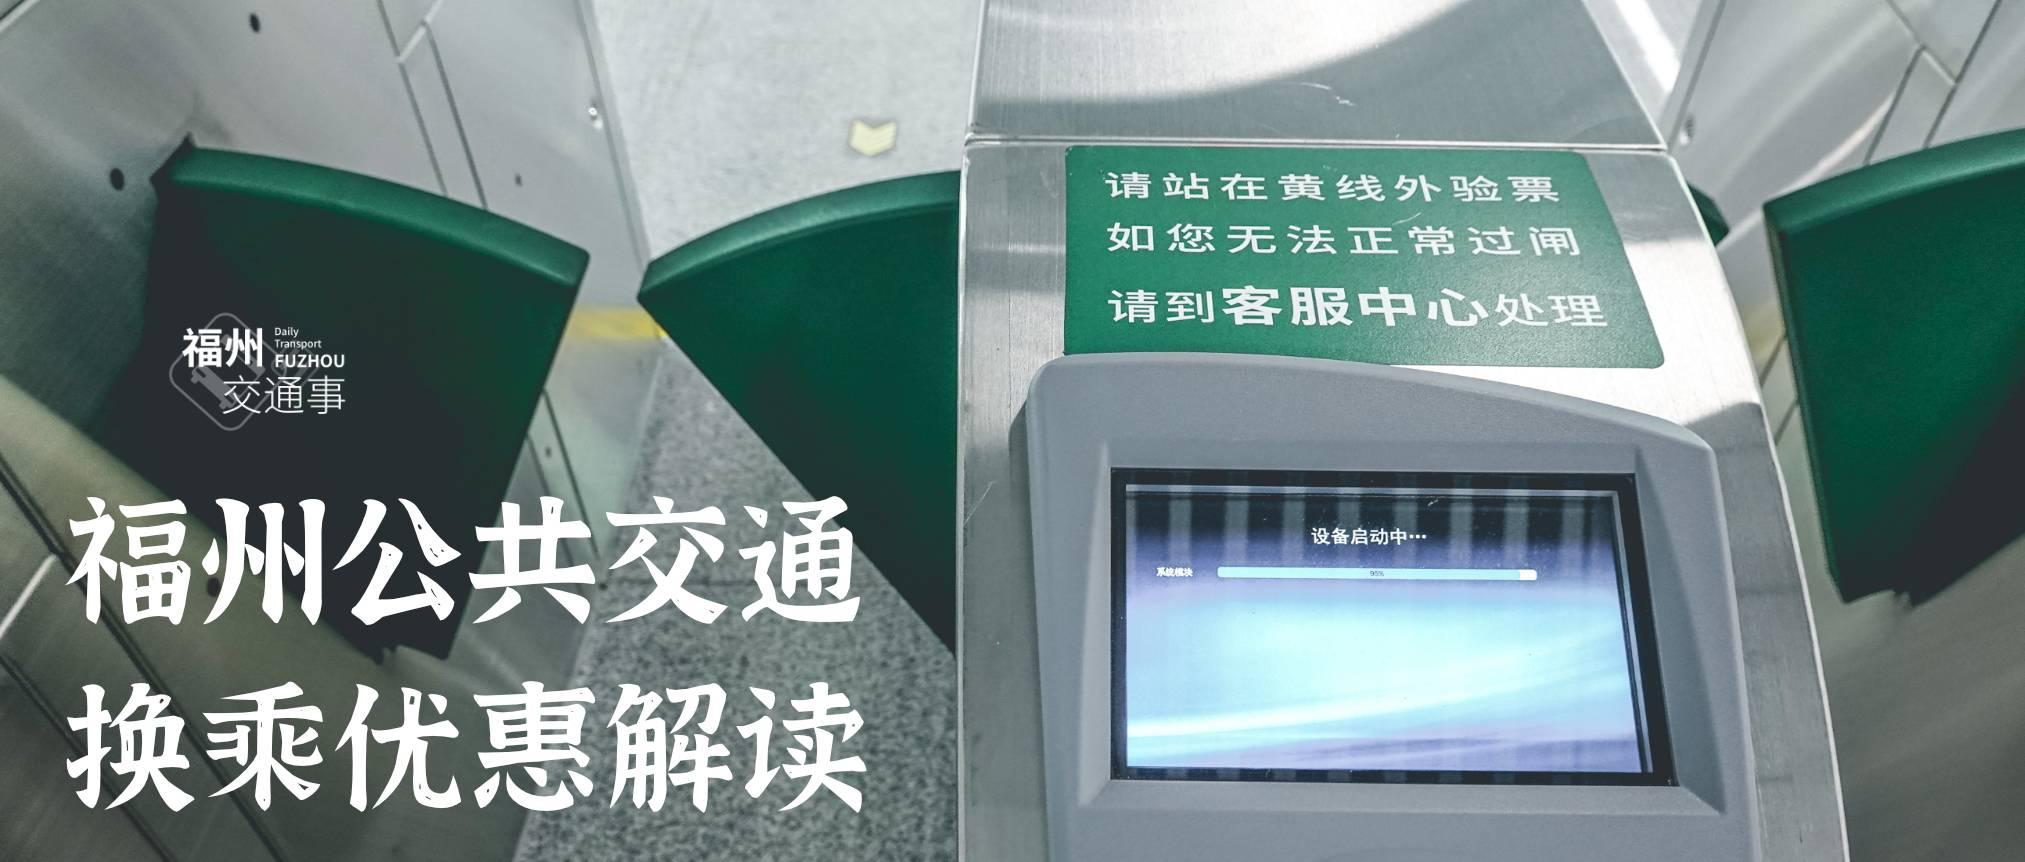 福州公共交通换乘优惠解读.jpg